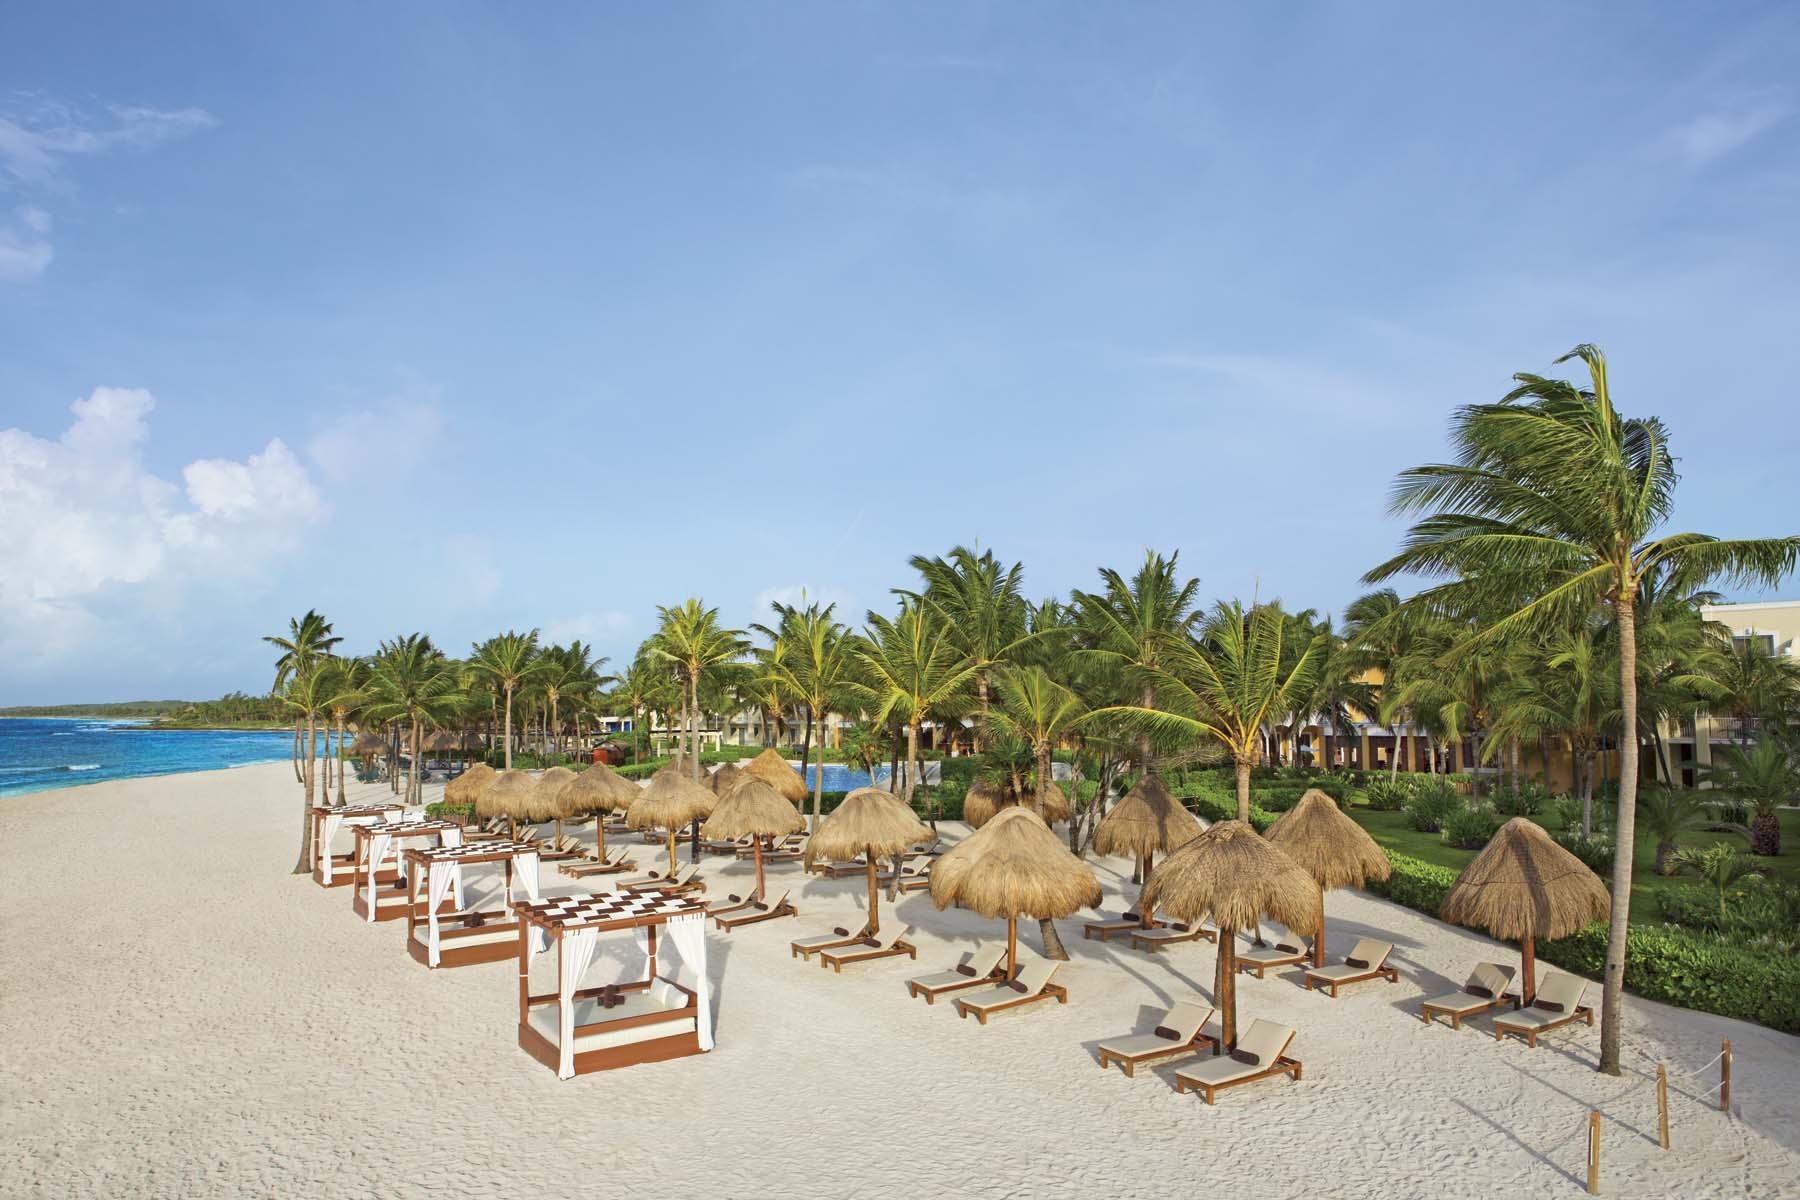 Dreams Resorts & Spas, vacaciones de lujo frente al mar